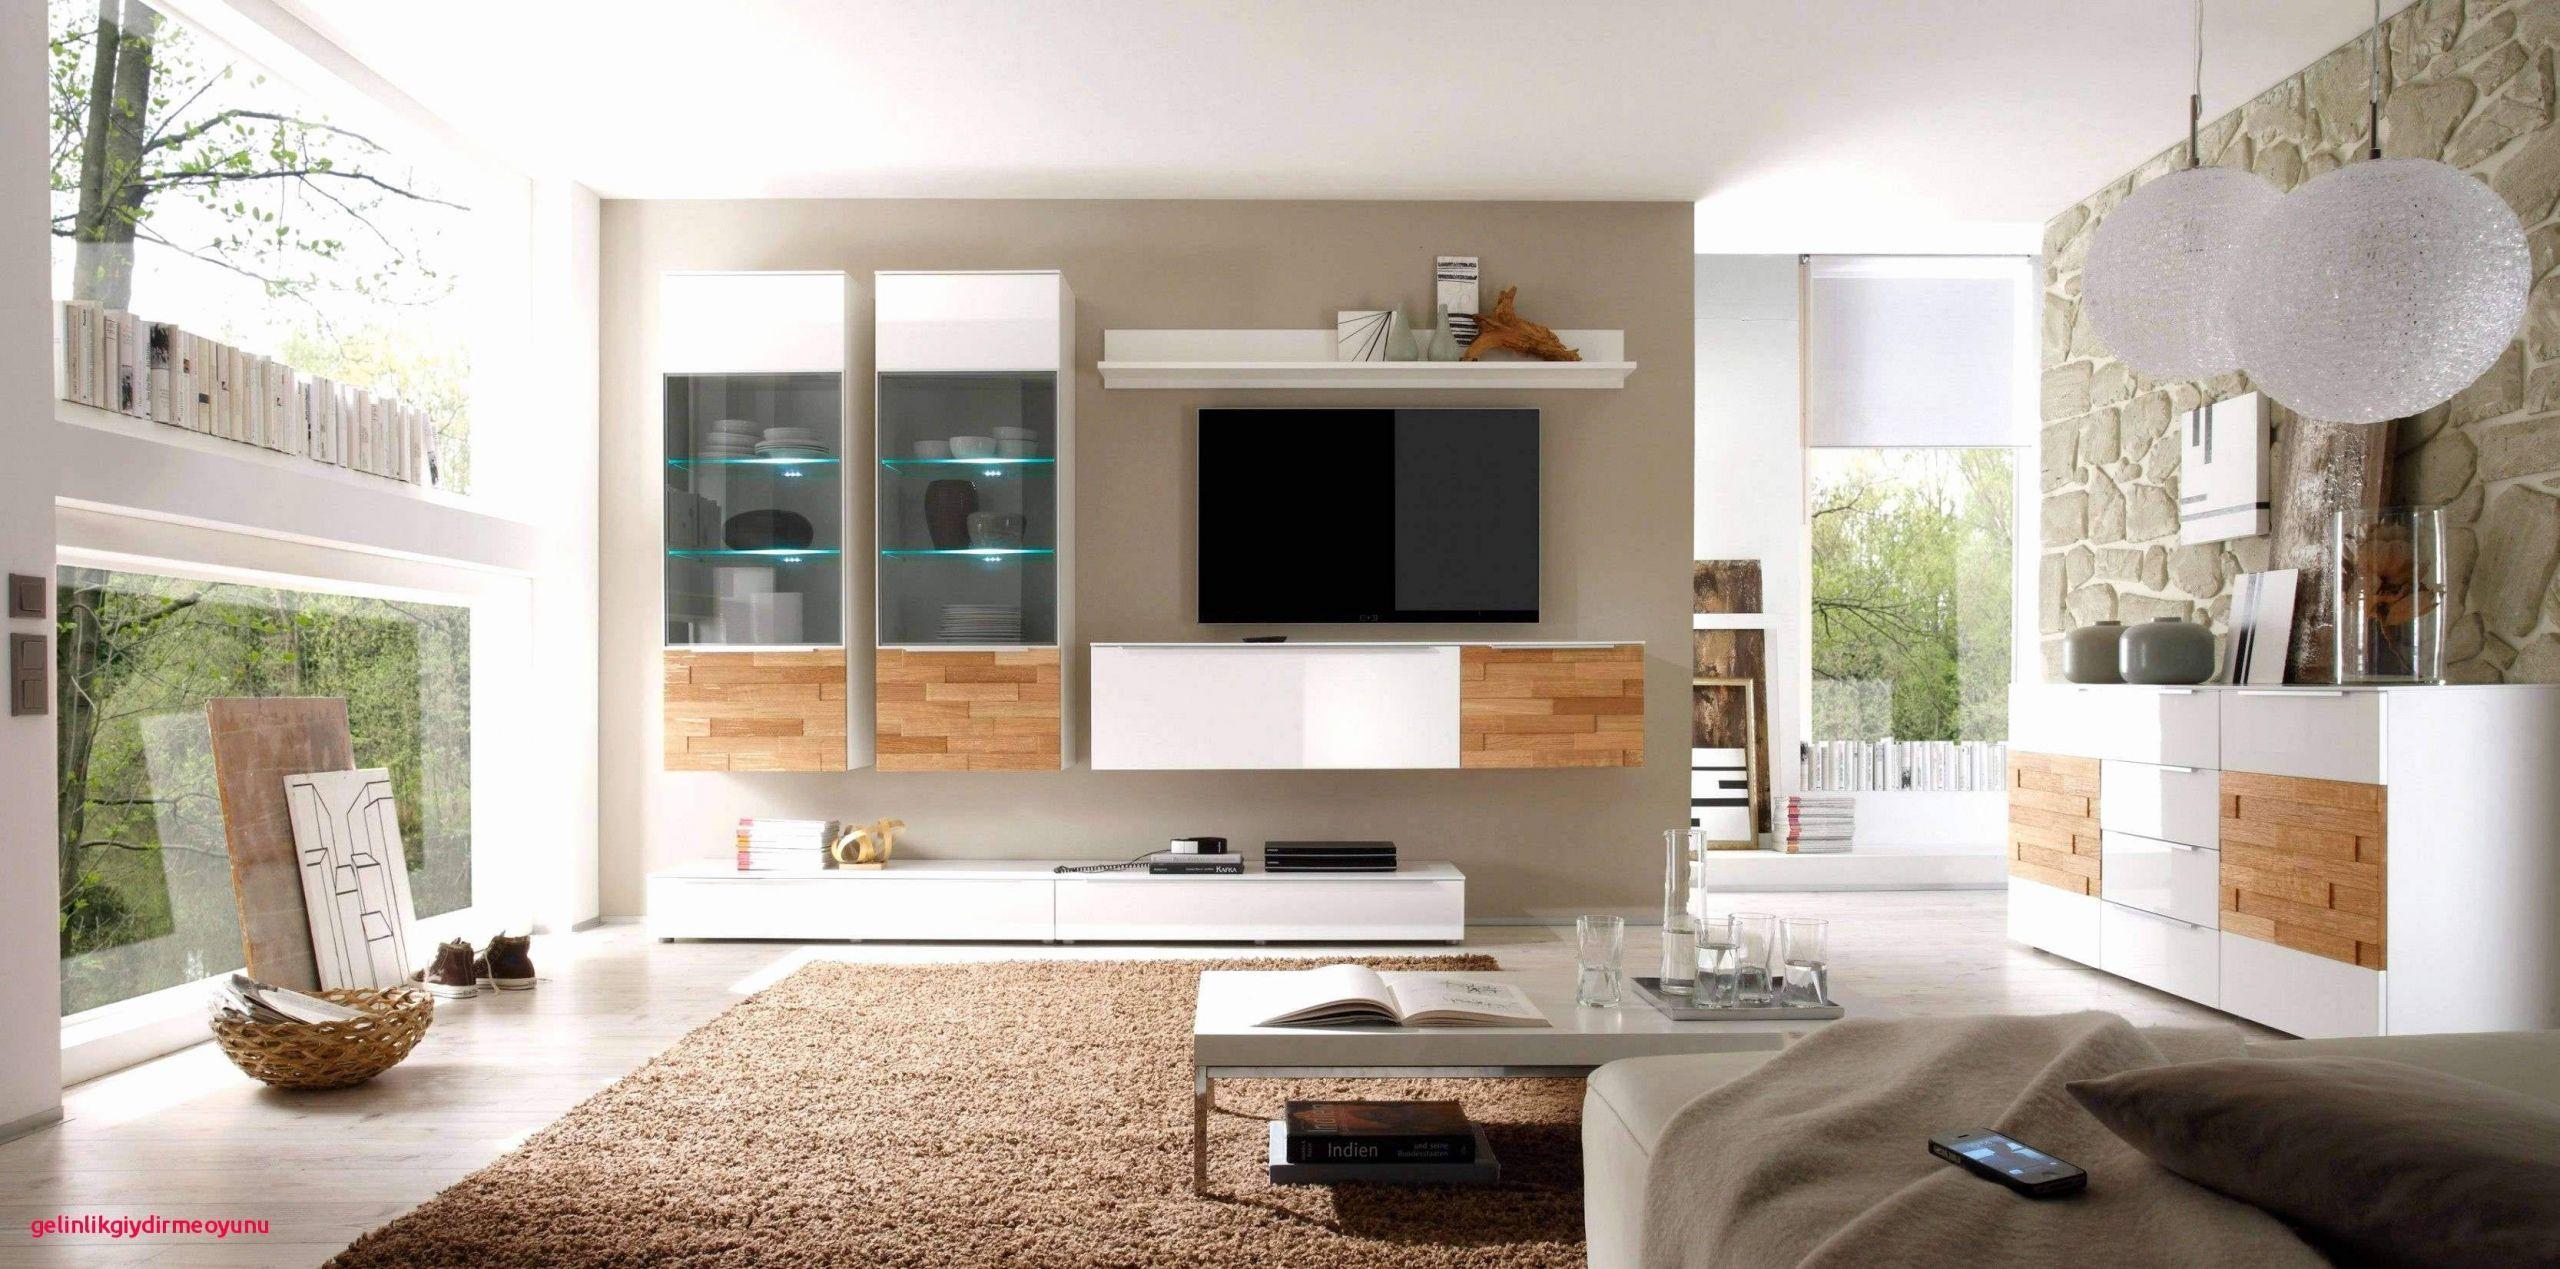 wanddeko ideen wohnzimmer neu deko ideen wohnzimmer holz schon of wanddeko ideen wohnzimmer scaled